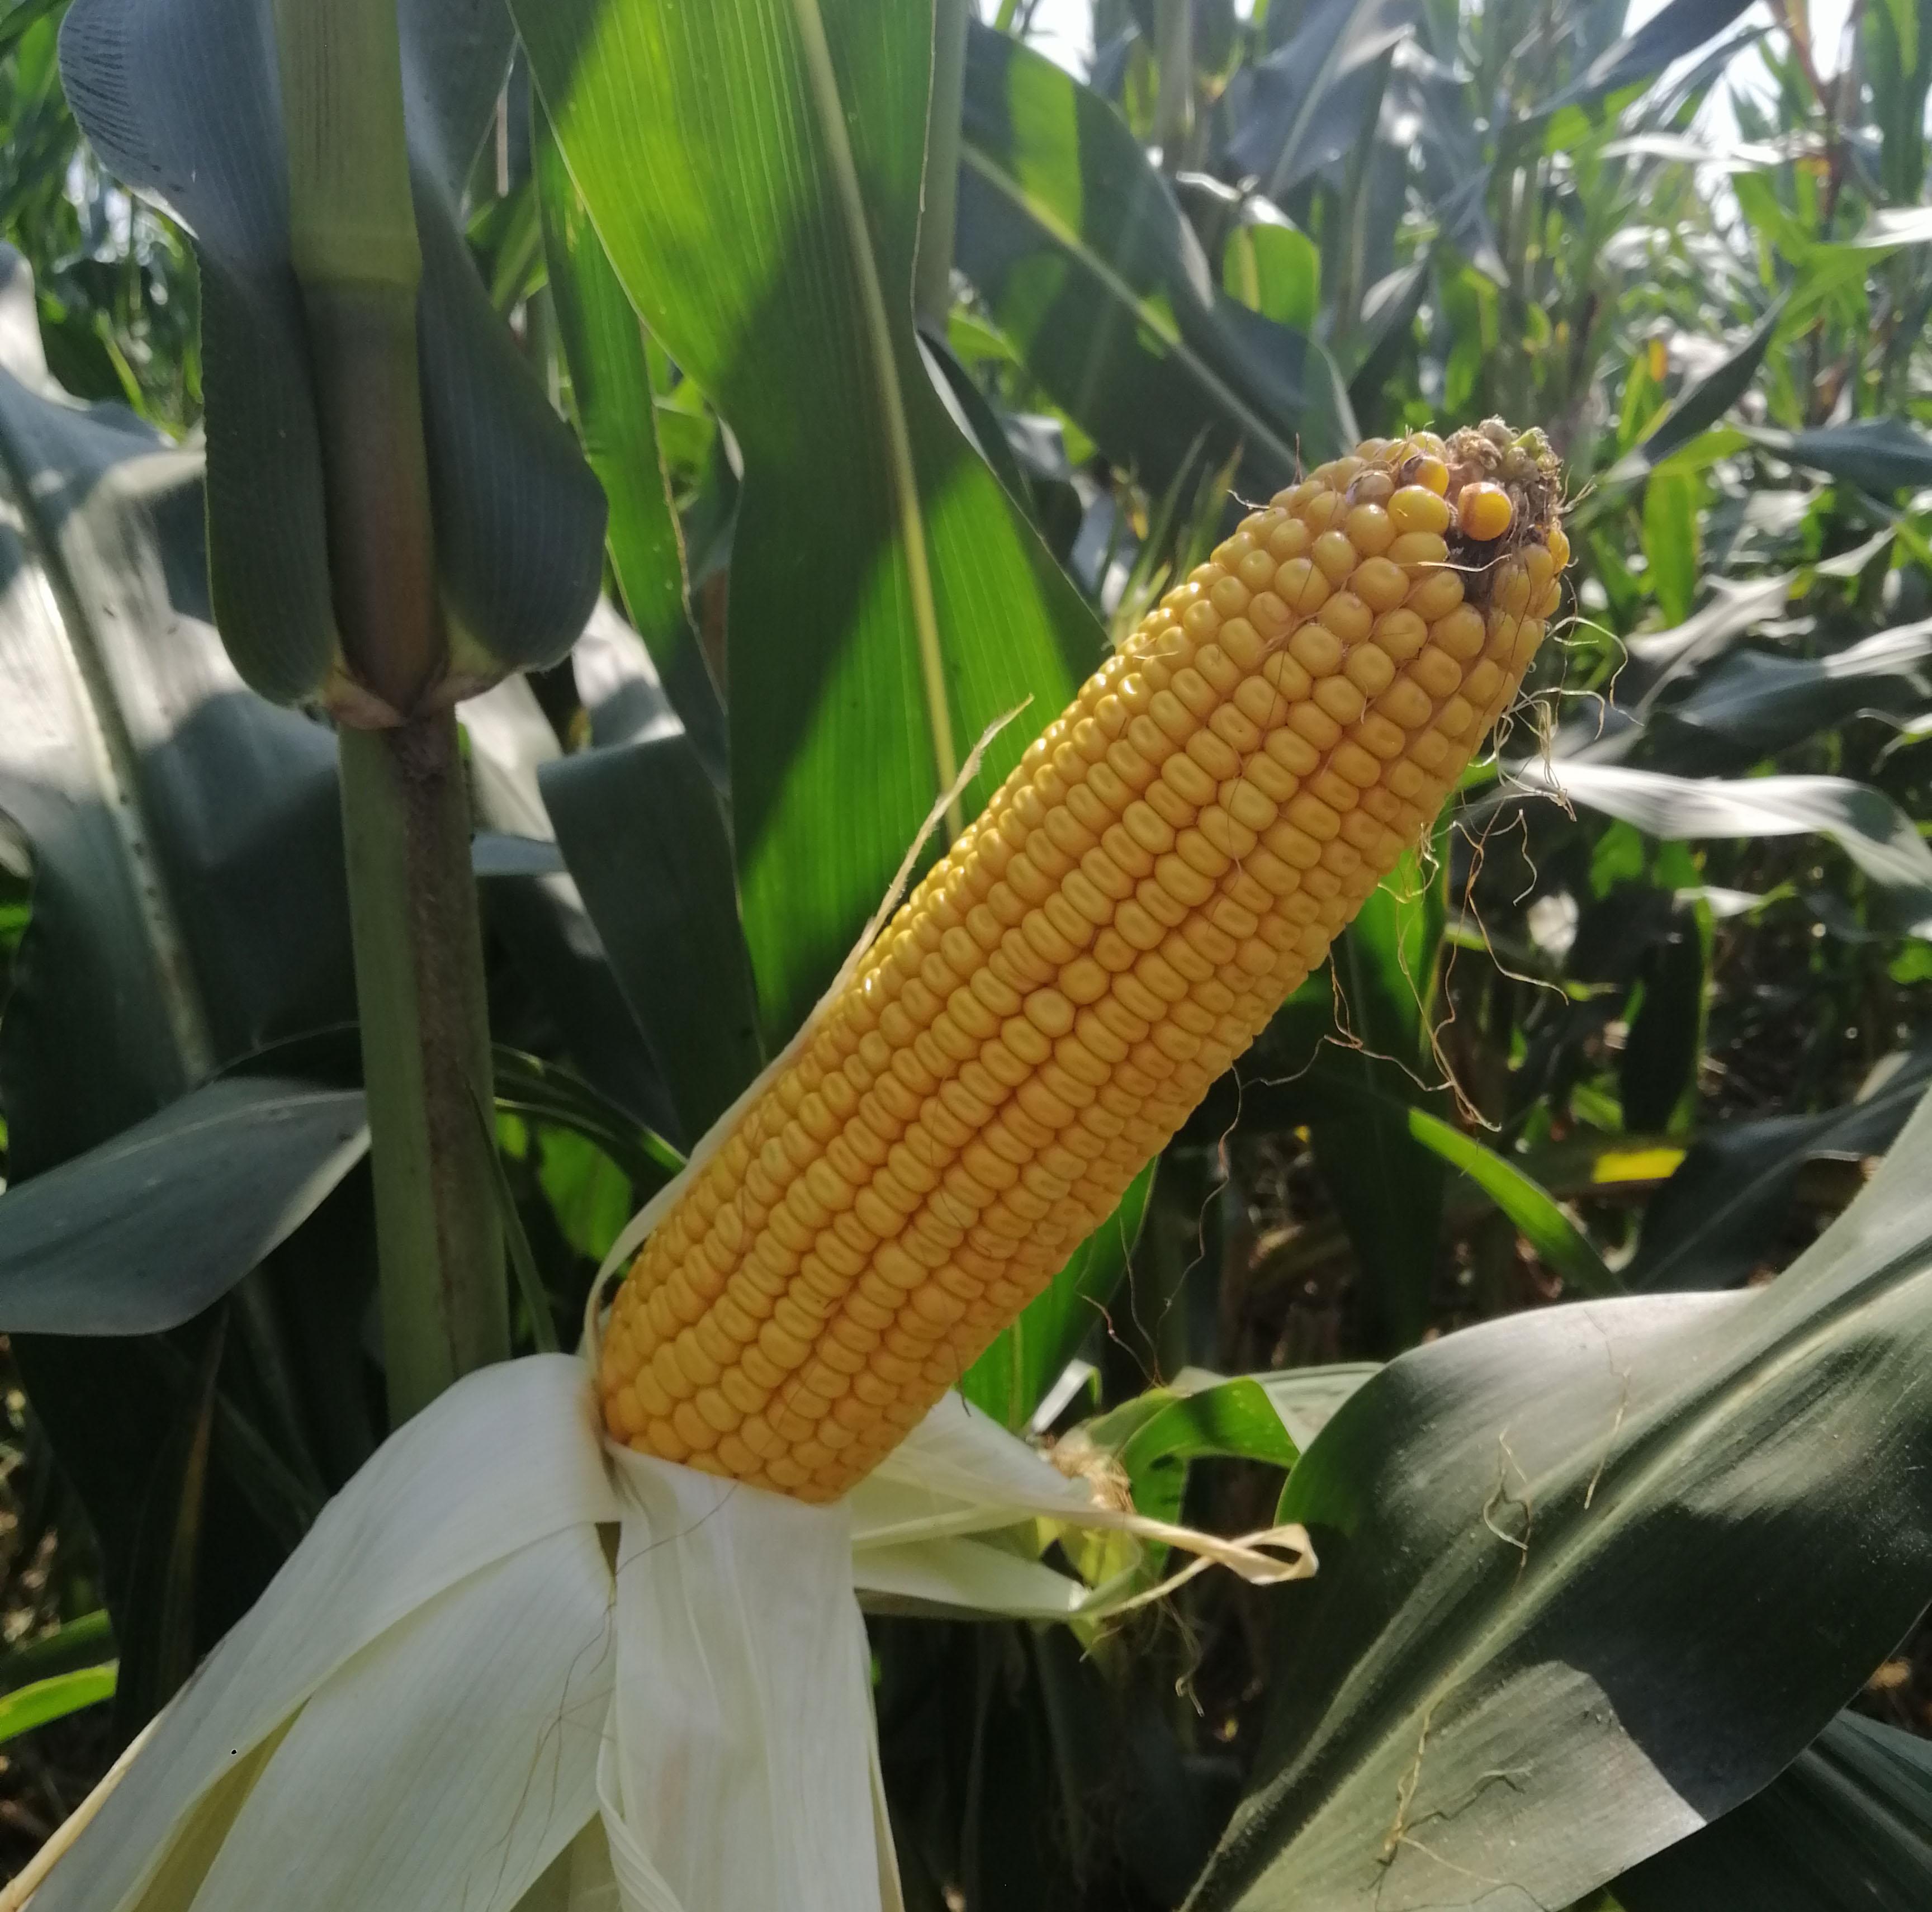 買玉米種子要避開的套路